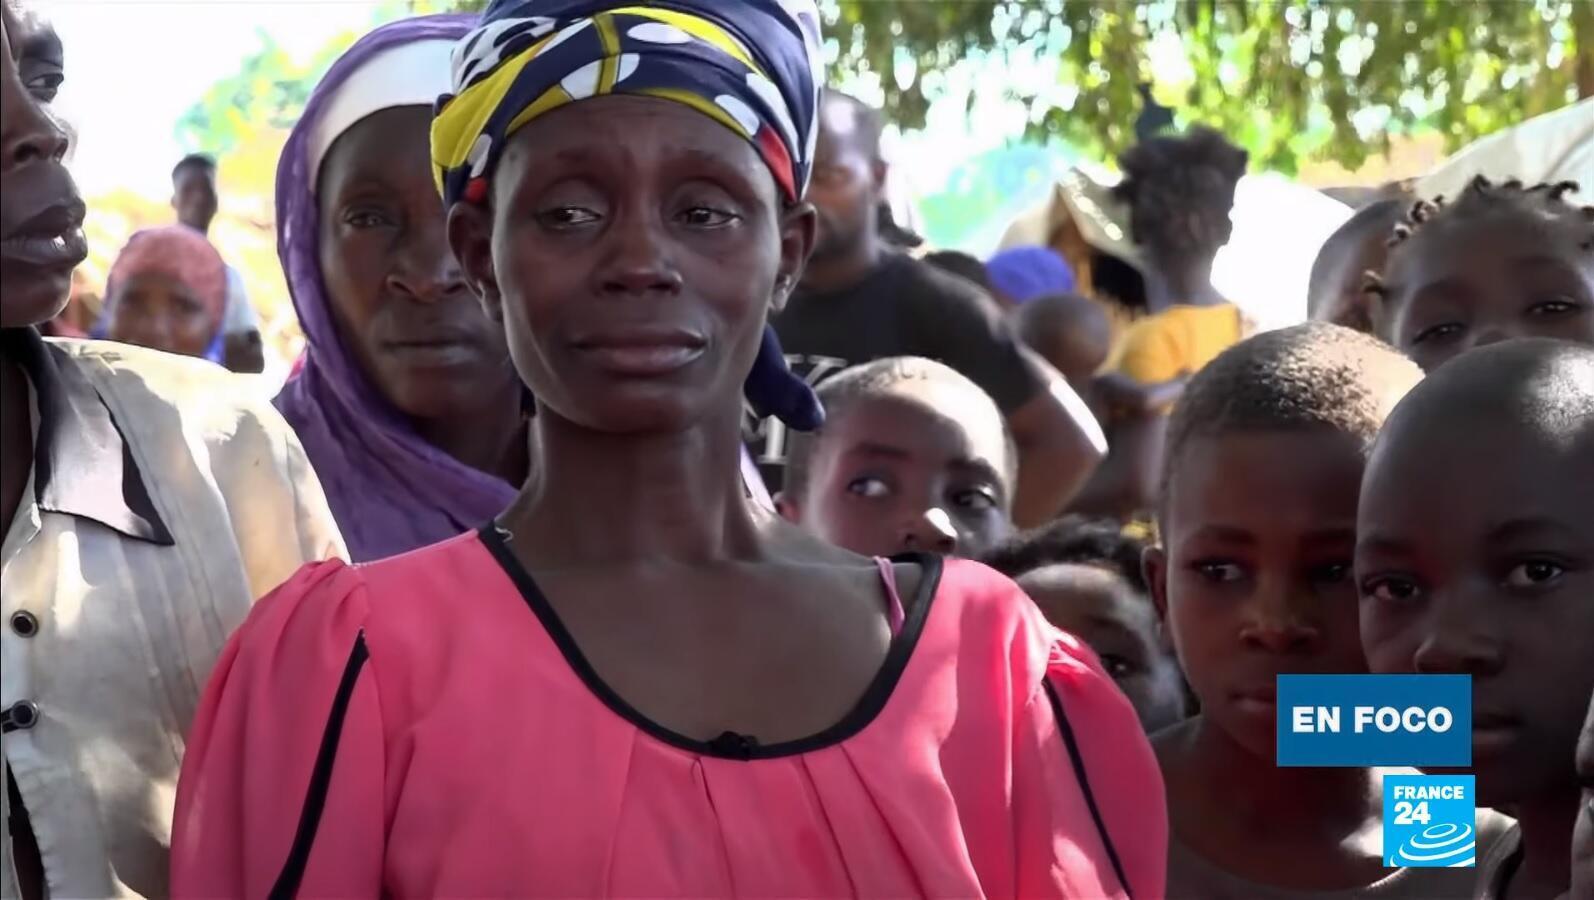 en foco - Mozambique